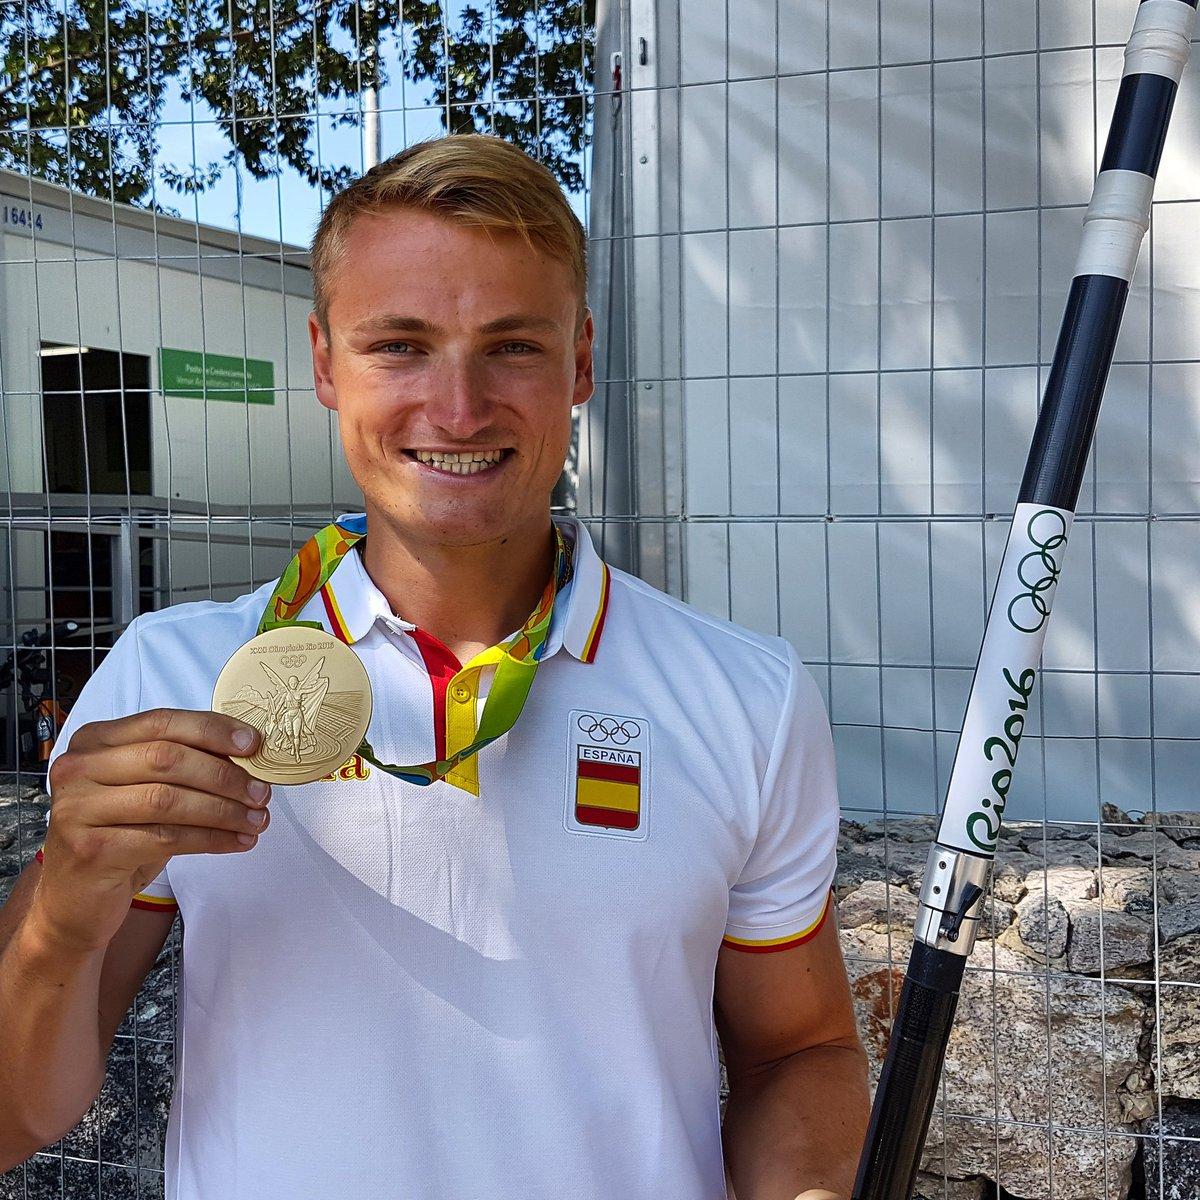 Marcus Cooper Las 17 medallas ganadas en Río 2016 por los deportistas españoles